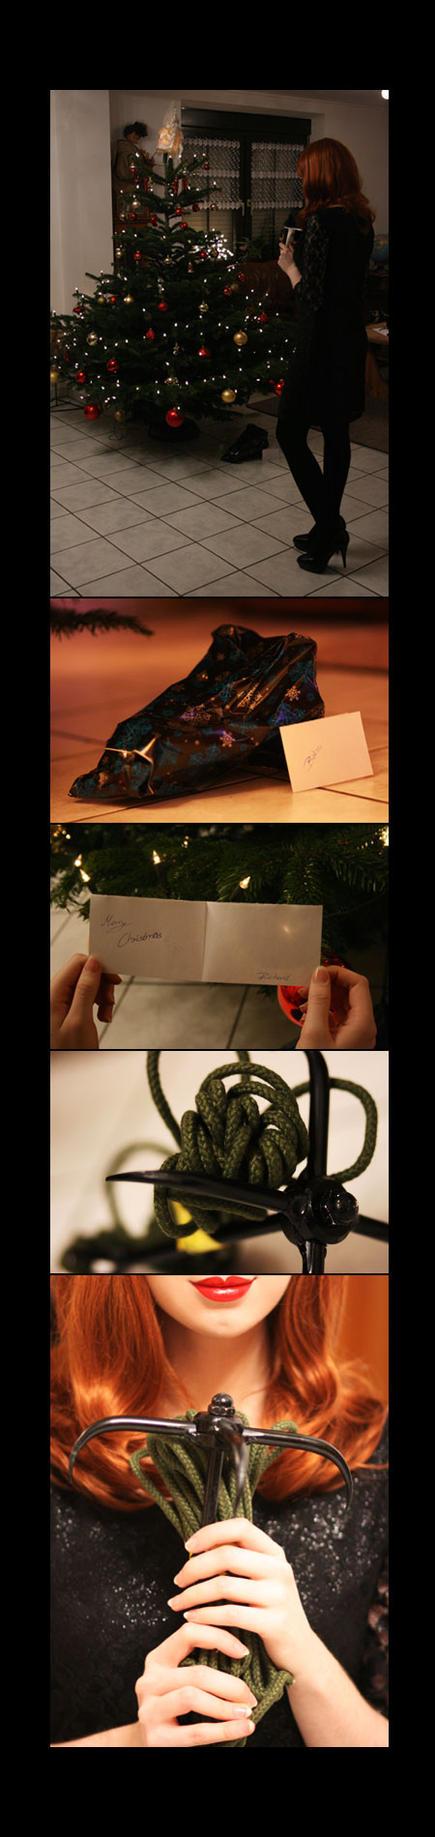 Barbara Gordon - Batgirl Christmas by Knightess-Rouge